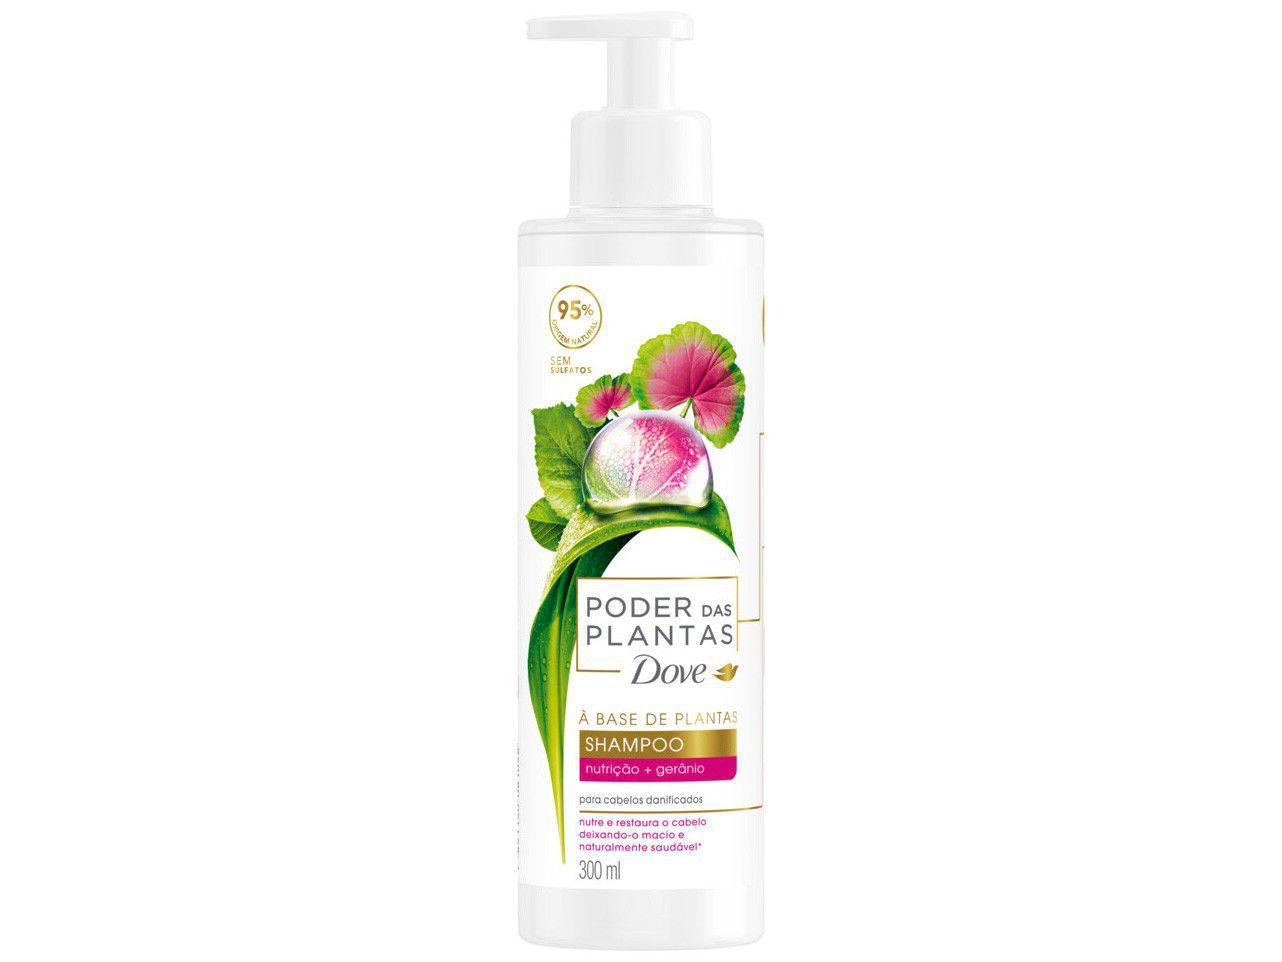 Shampoo Dove Poder das Plantas Nutrição + Gerânio - 300ml